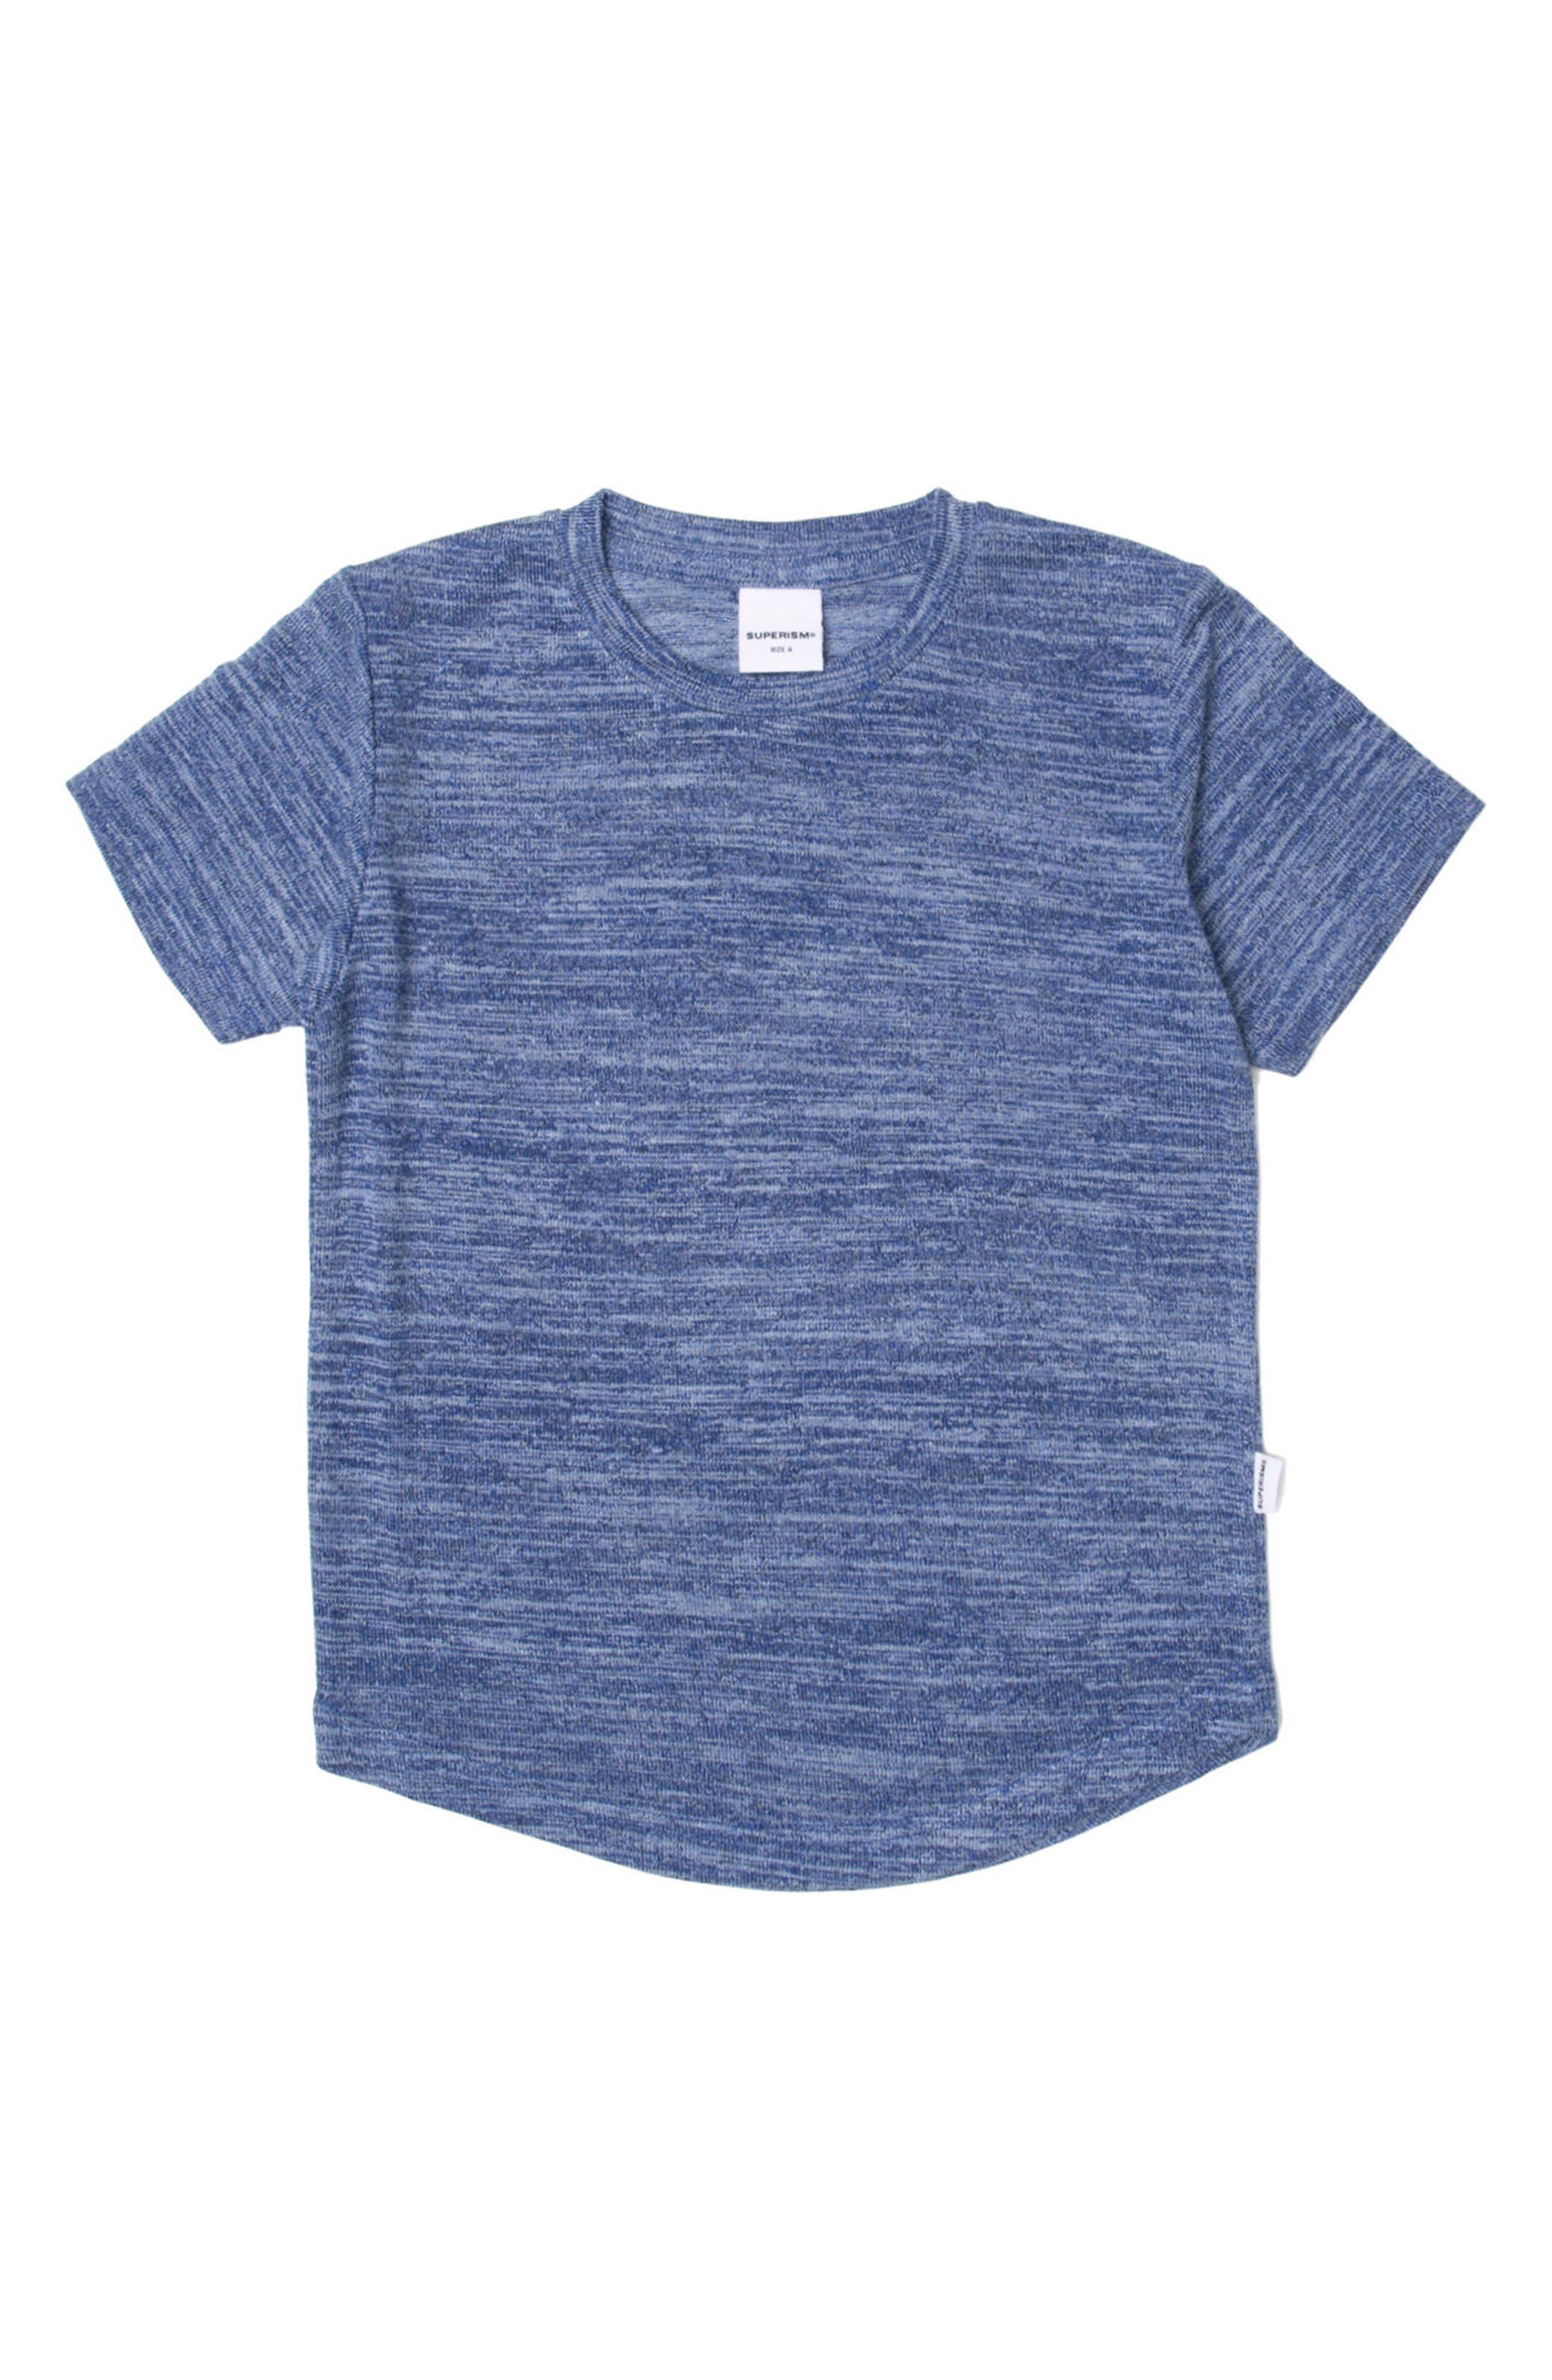 Landon T-Shirt,                         Main,                         color, Blue